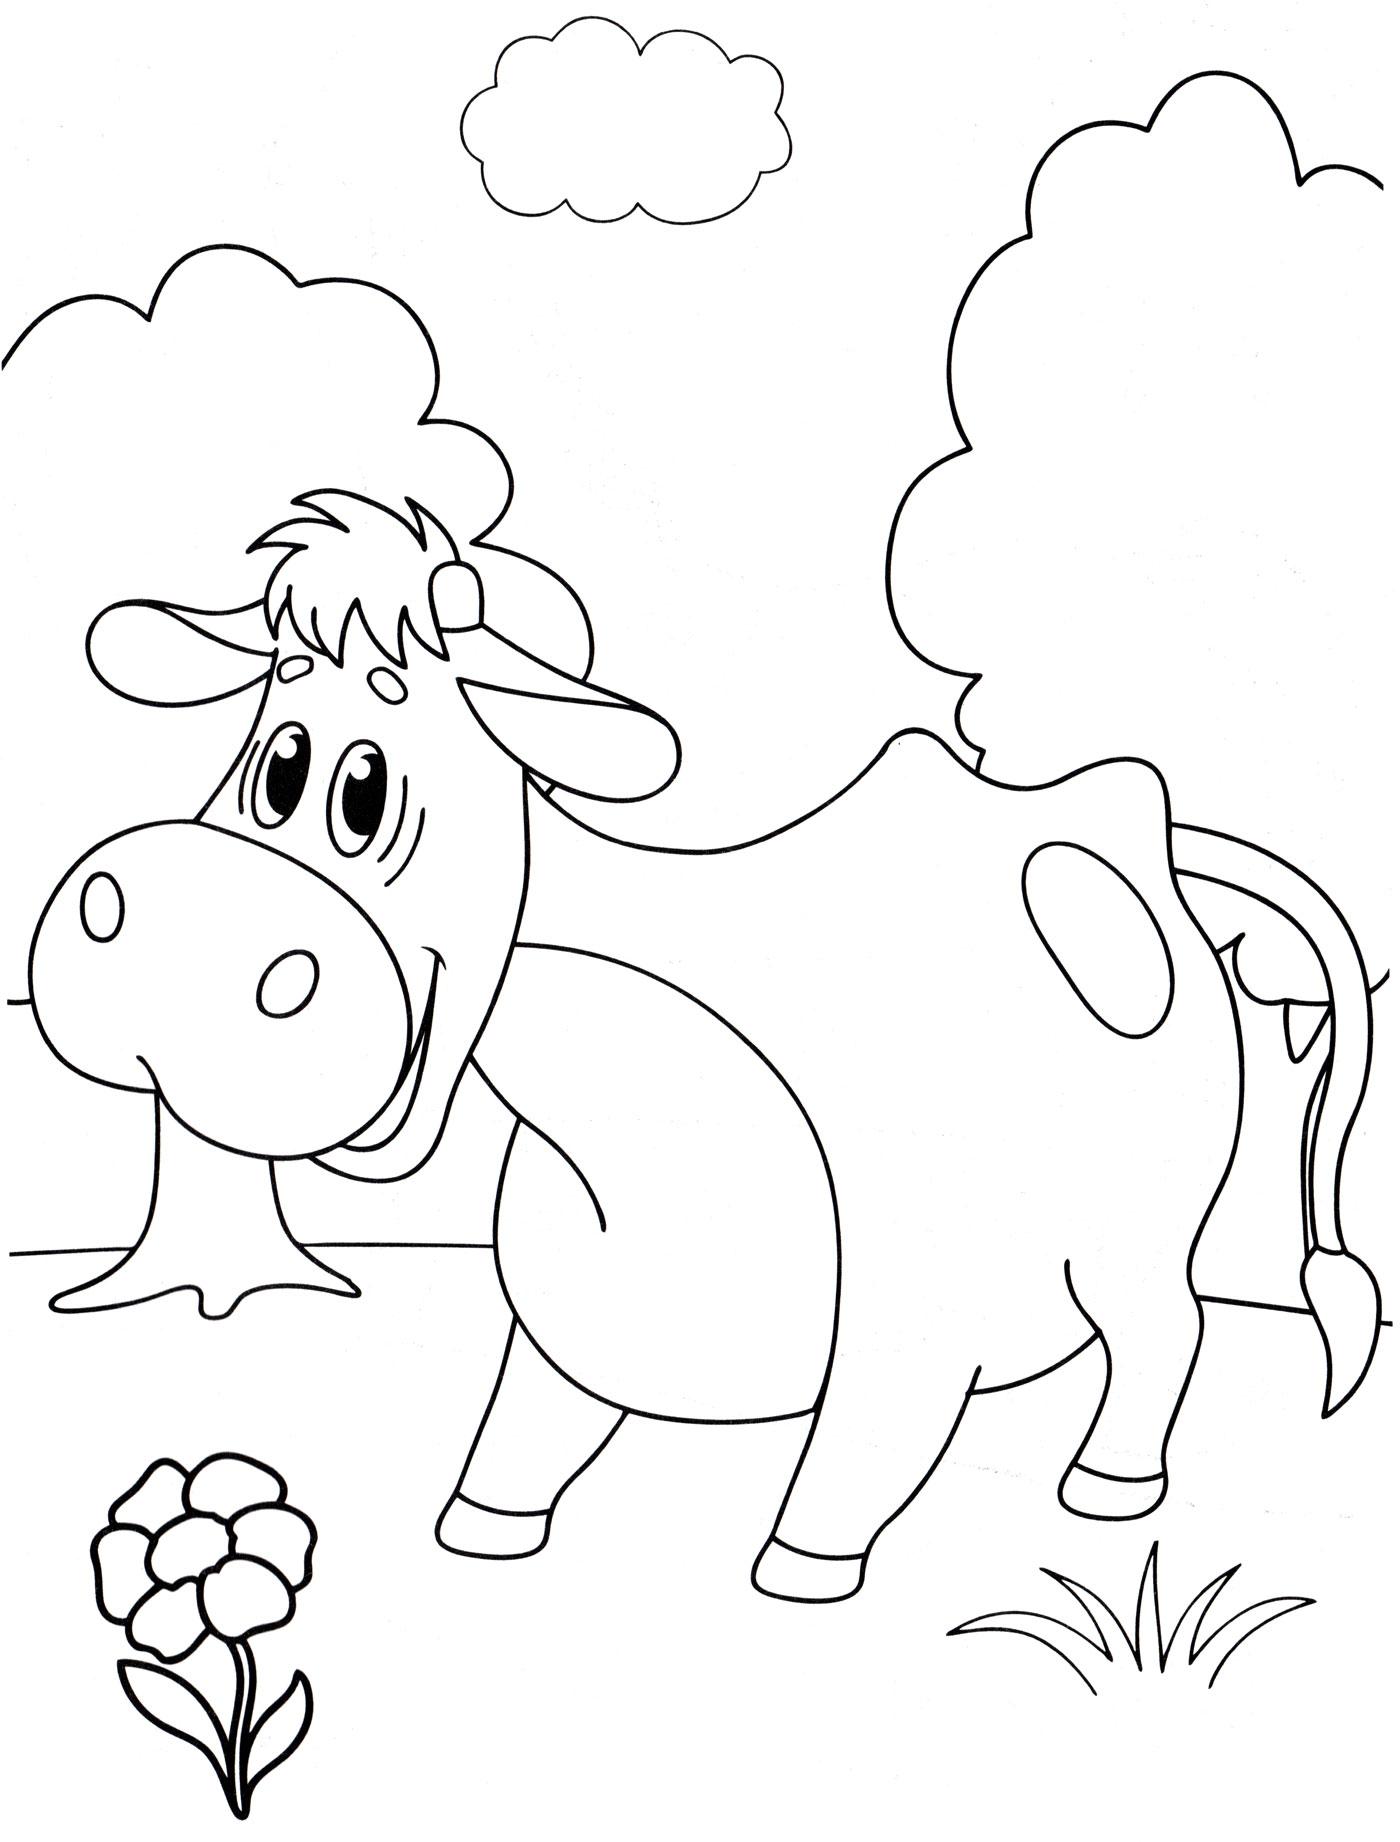 Раскраска Милая коровка - распечатать бесплатно